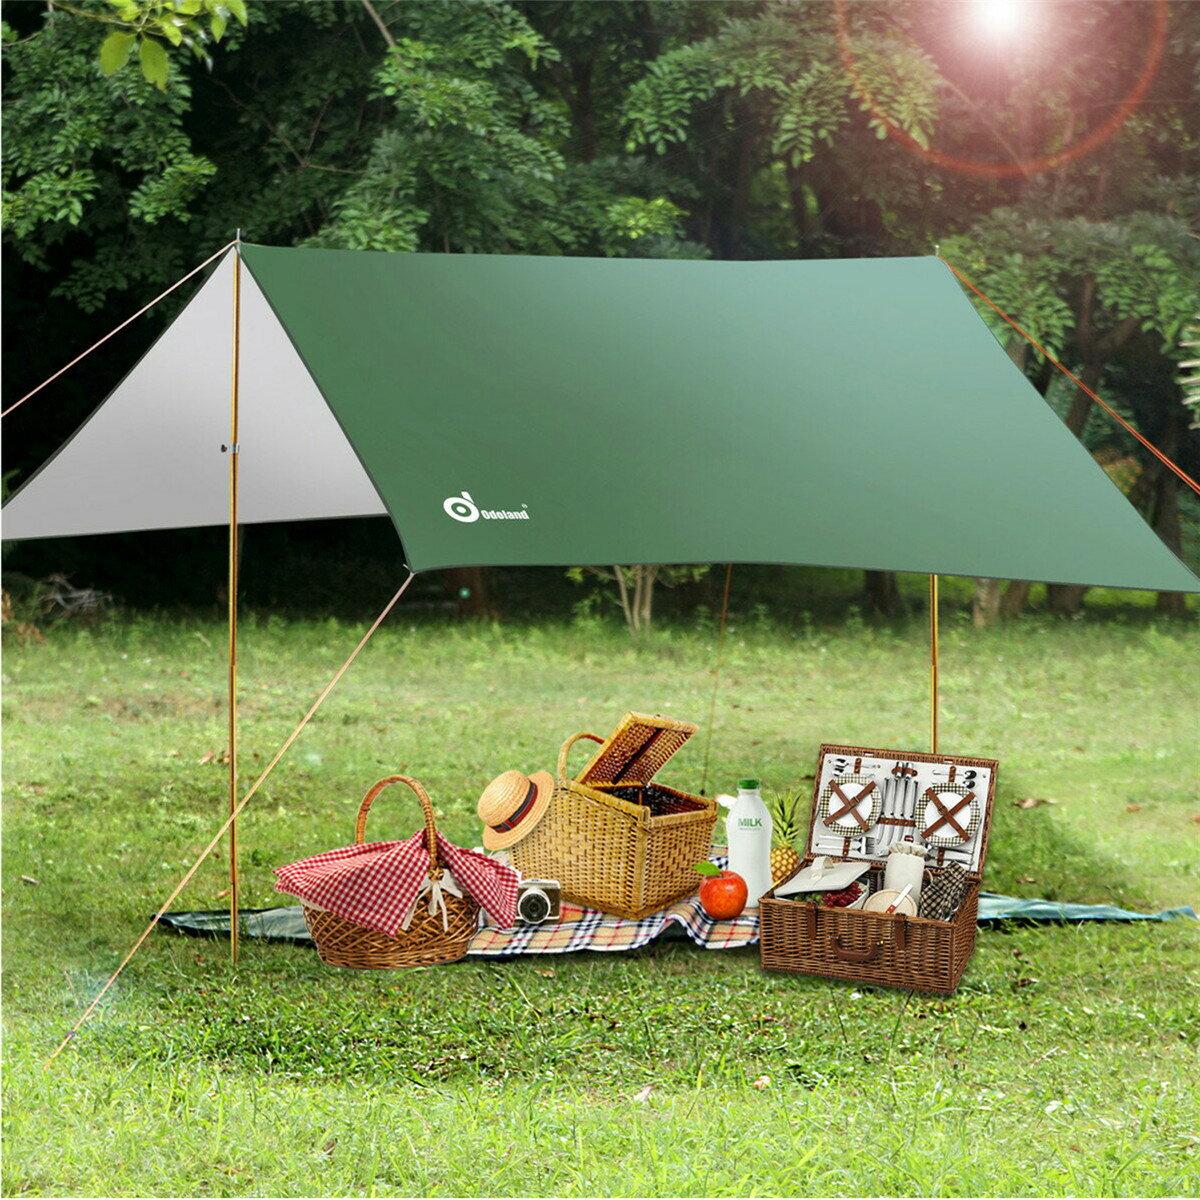 ODOLAND 高品質タープテント タープシェード+タープポール*2 クールシェード テント天幕  日焼け予防 防水 野営 キャンプ 旅行必需品 軽くてコンパクト 収納バック付き